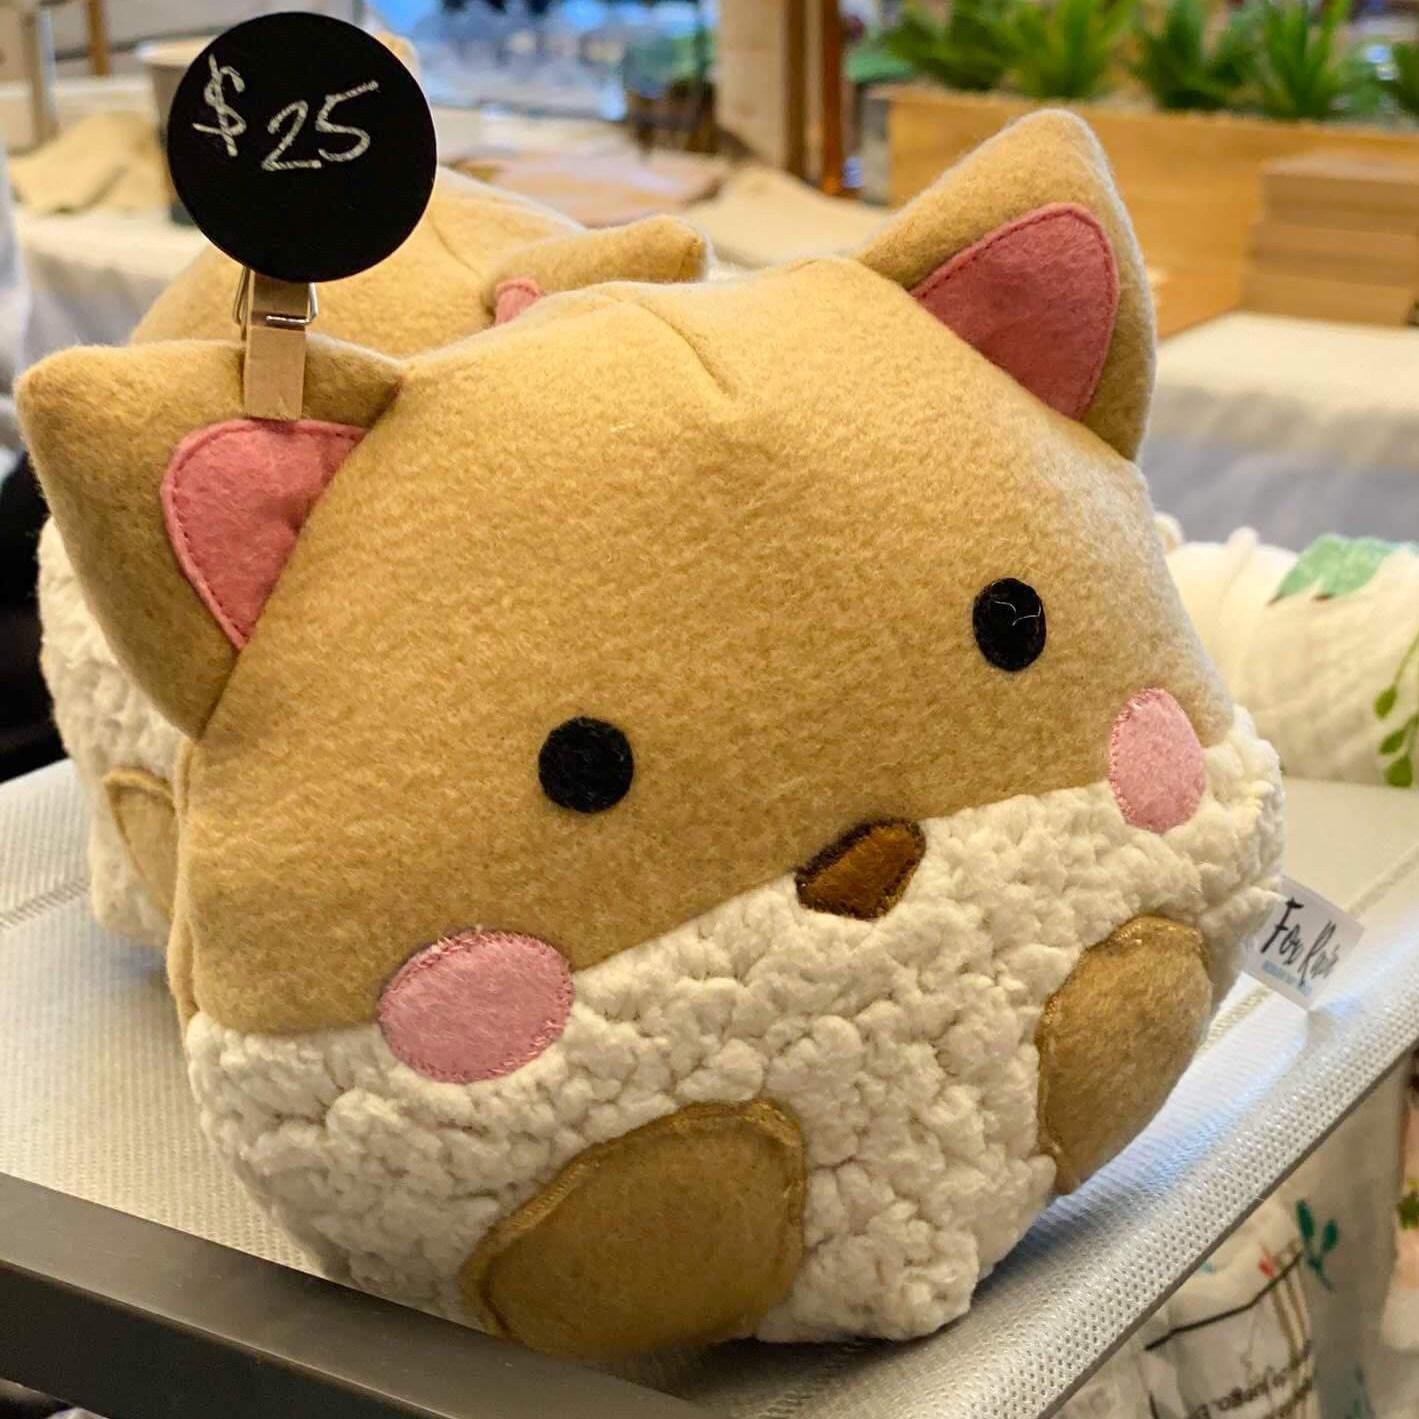 fox rain chungi the fox plush stuffed animal